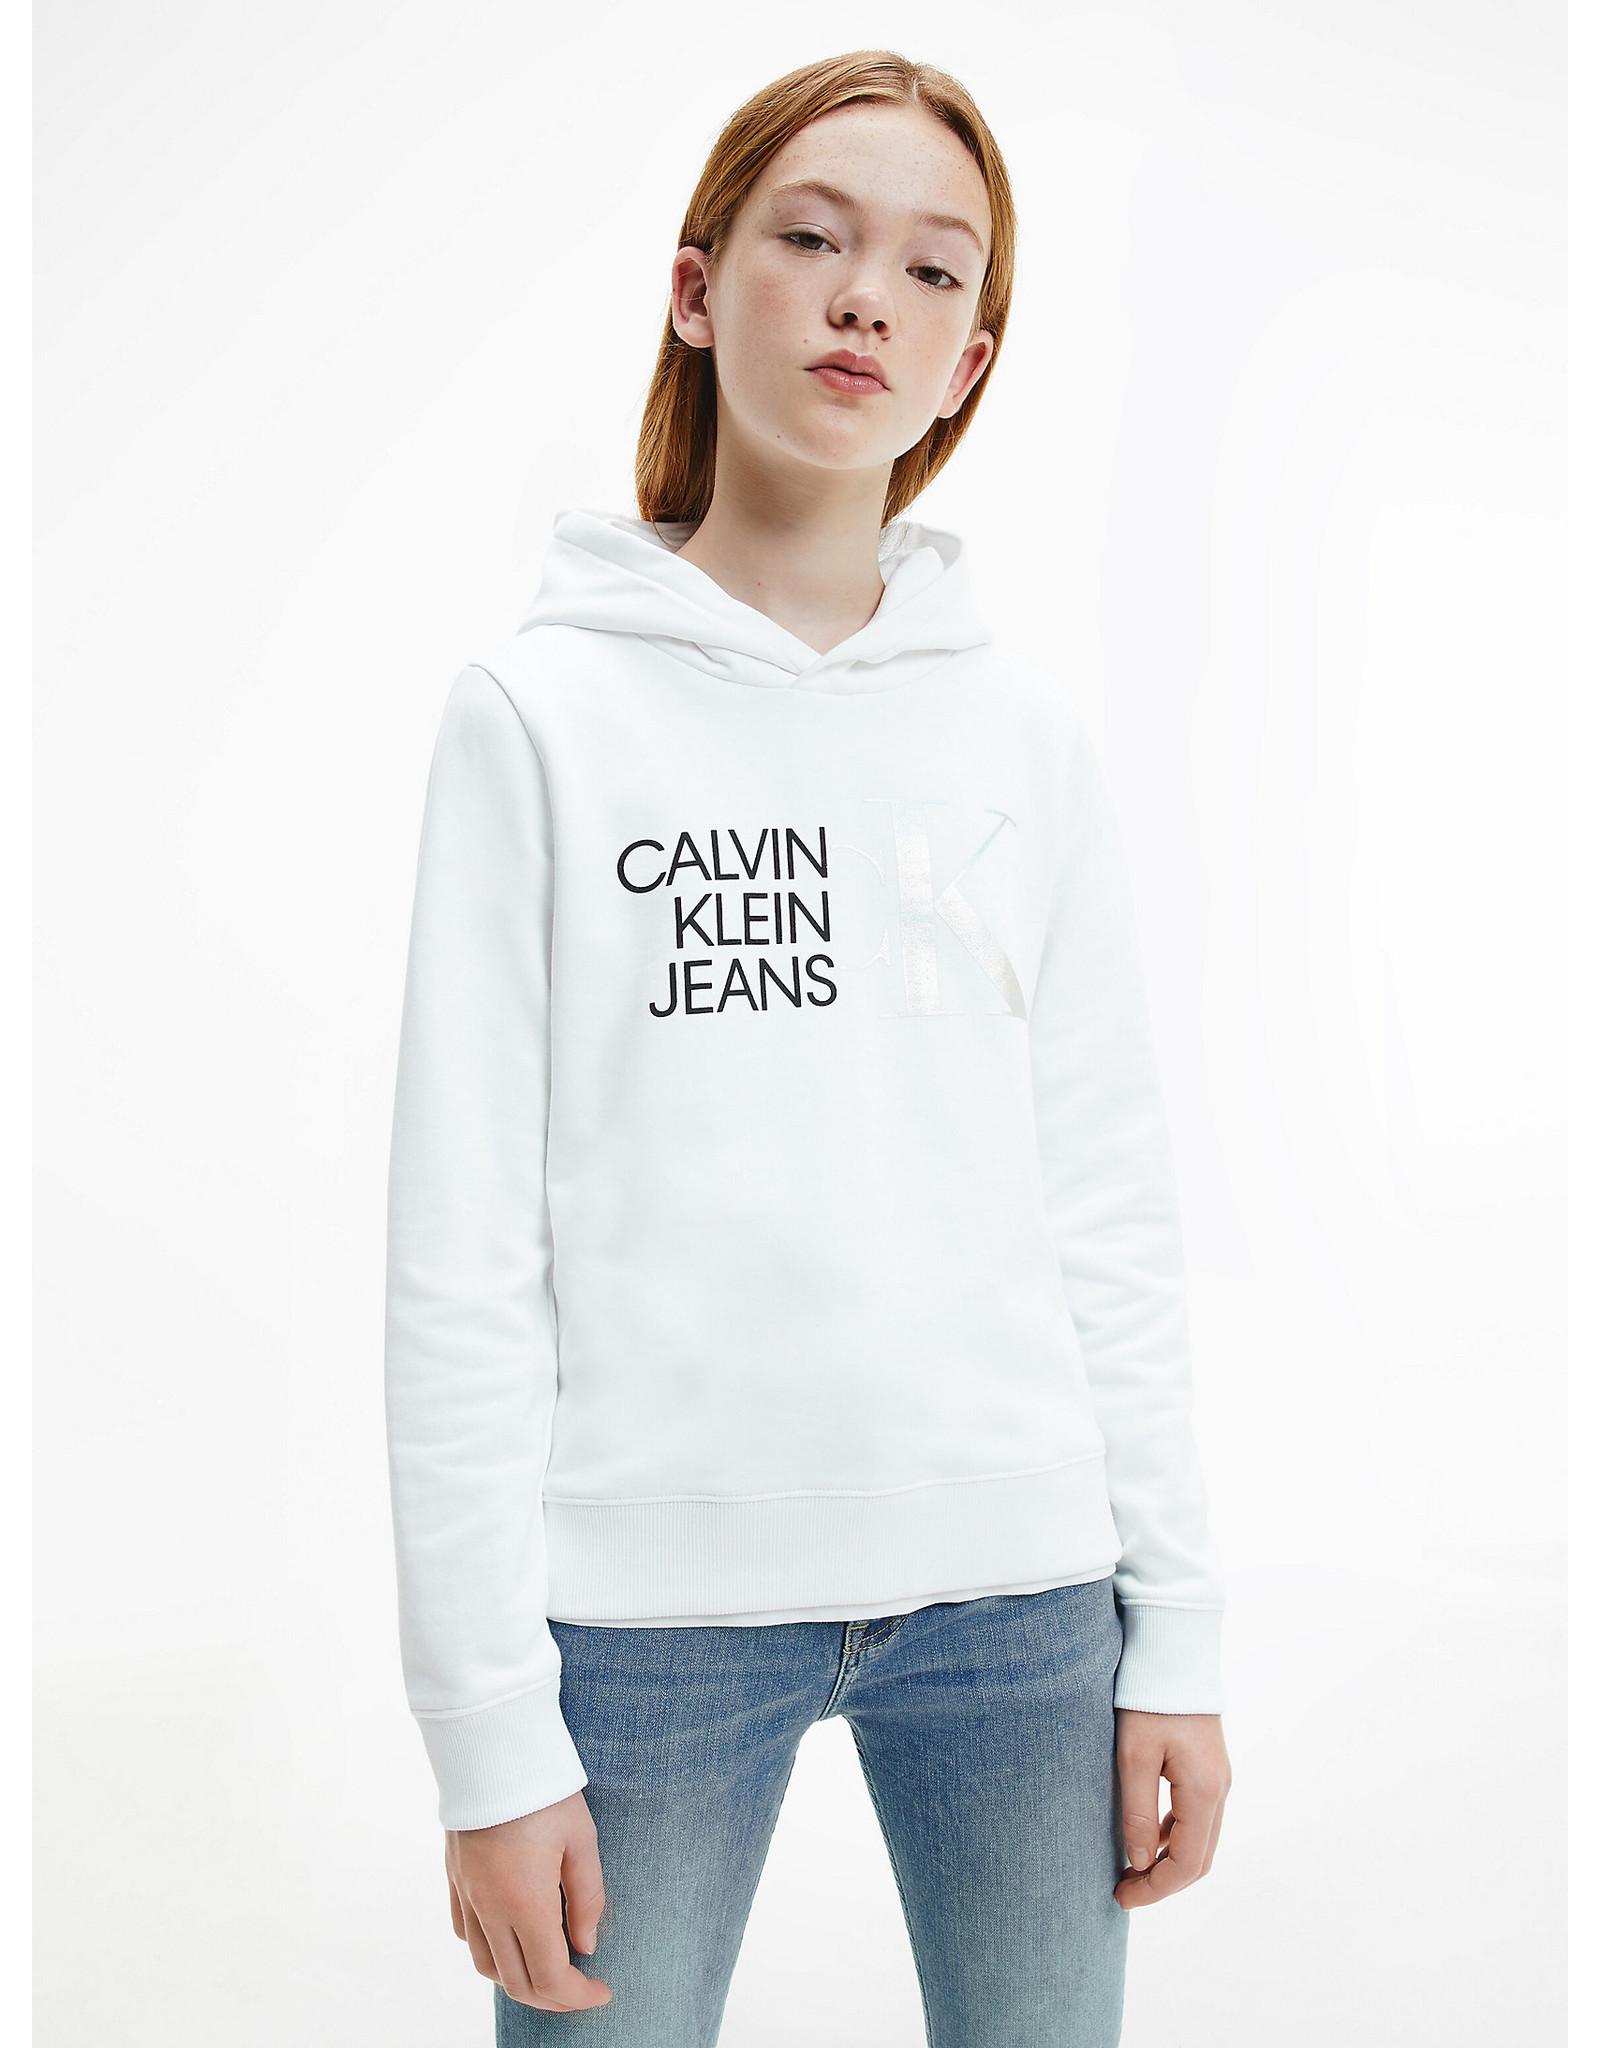 Calvin Klein 00873 Sweater